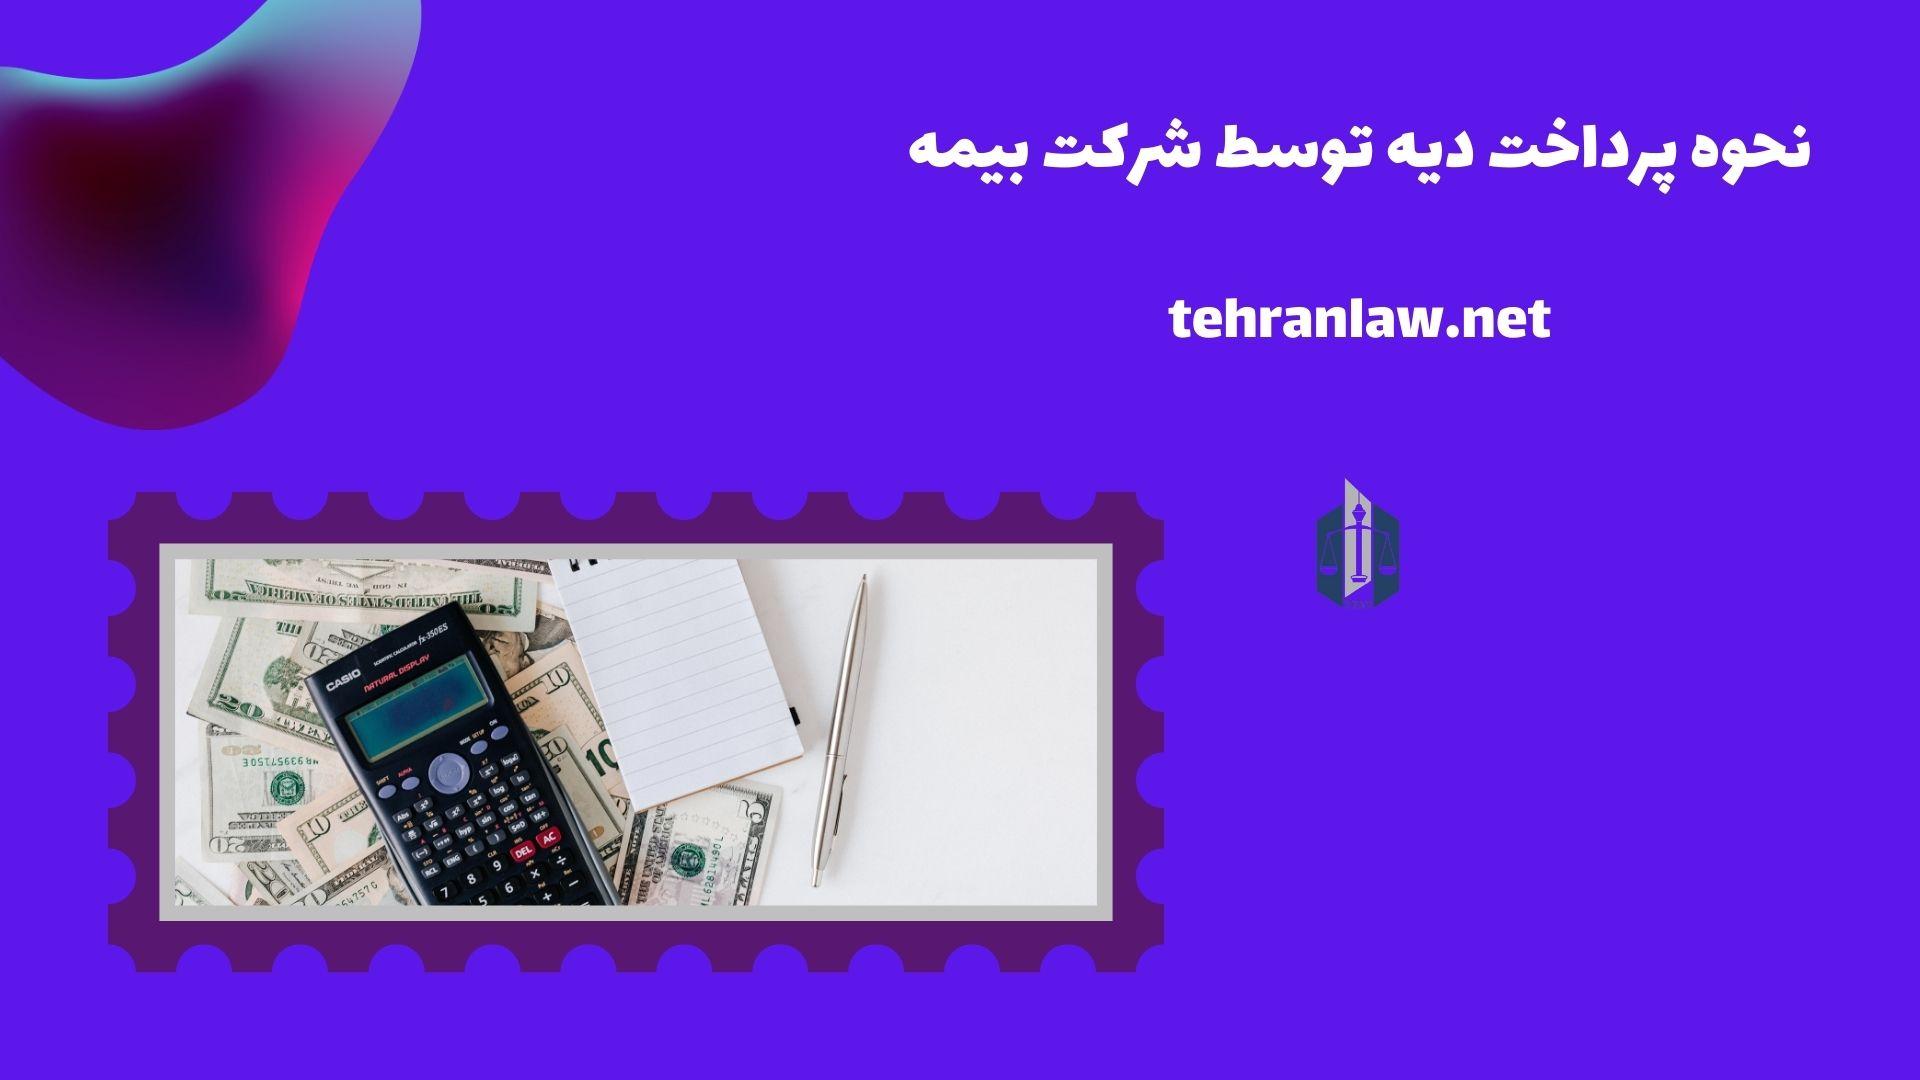 نحوه پرداخت دیه توسط شرکت بیمه